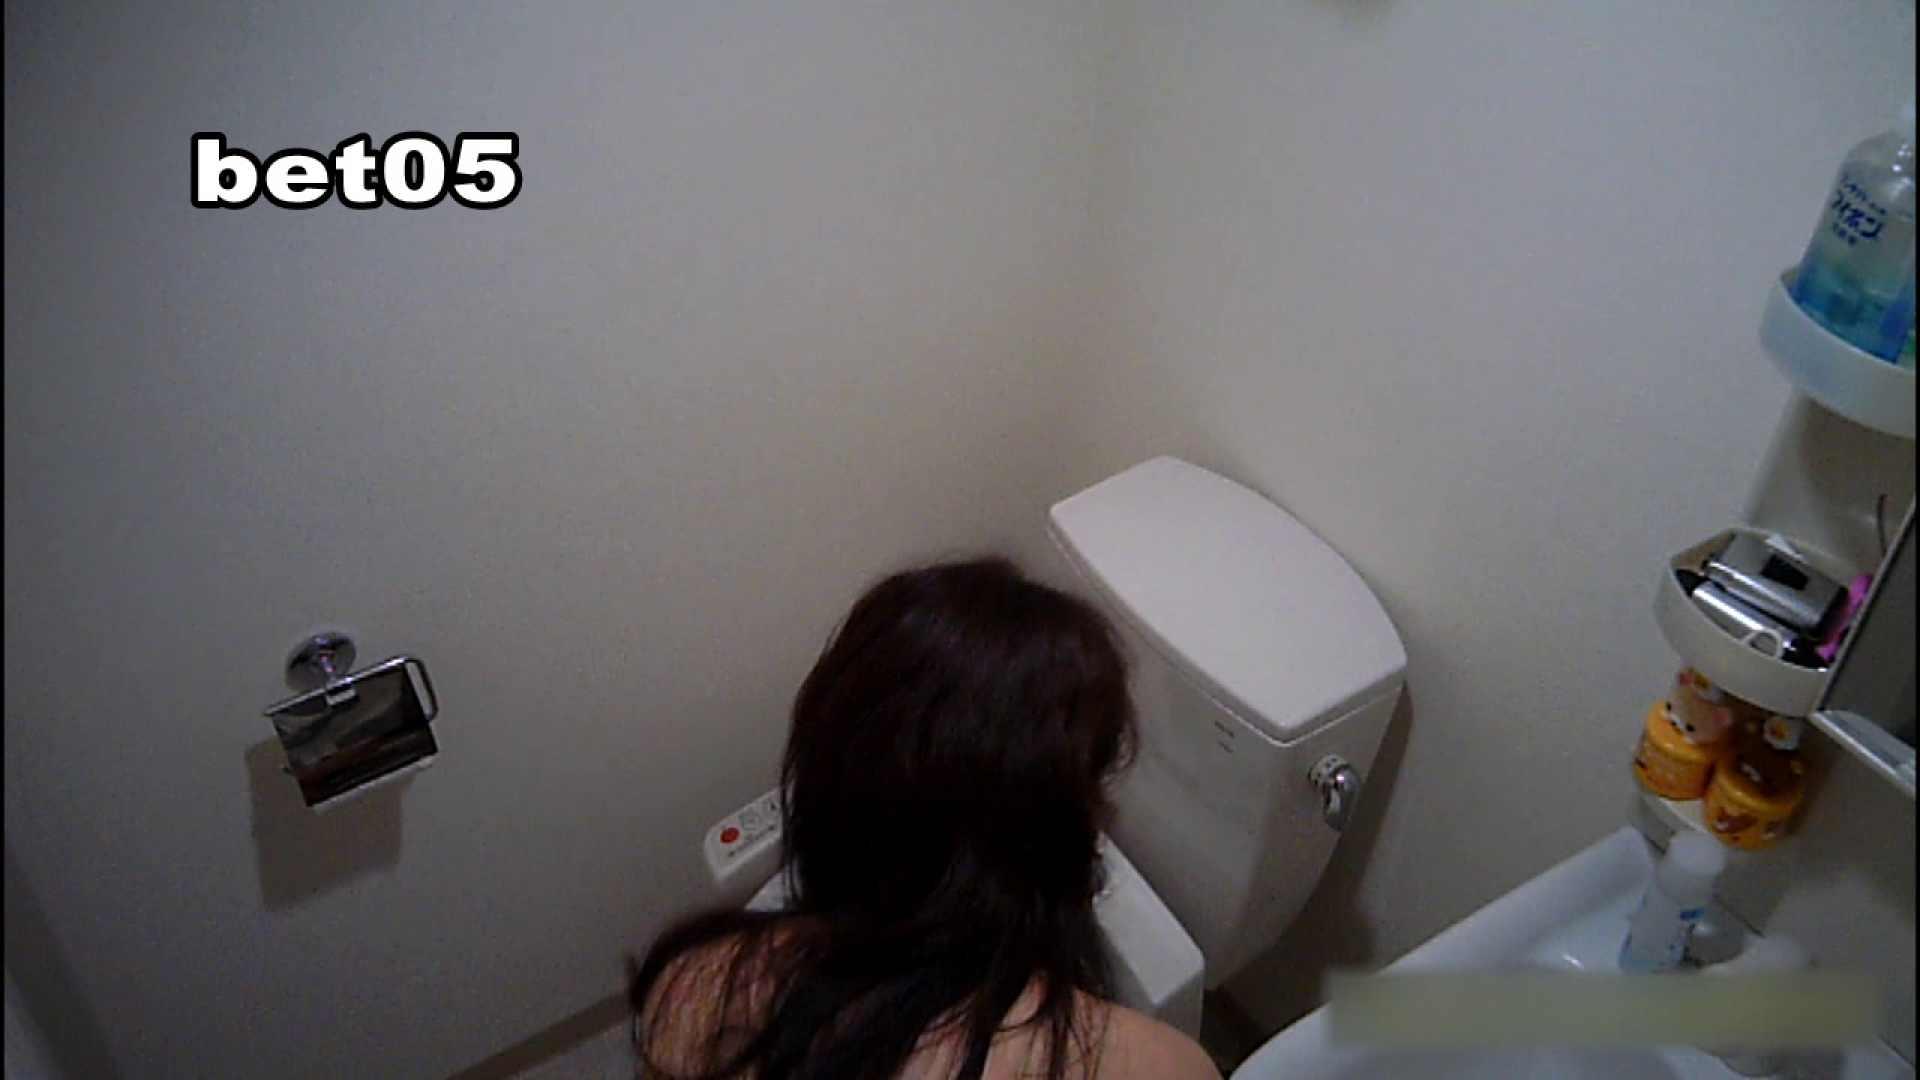 ミキ・大手旅行代理店勤務(24歳・仮名) vol.05 オマケで全裸洗面所も公開 リベンジ  100PIX 27